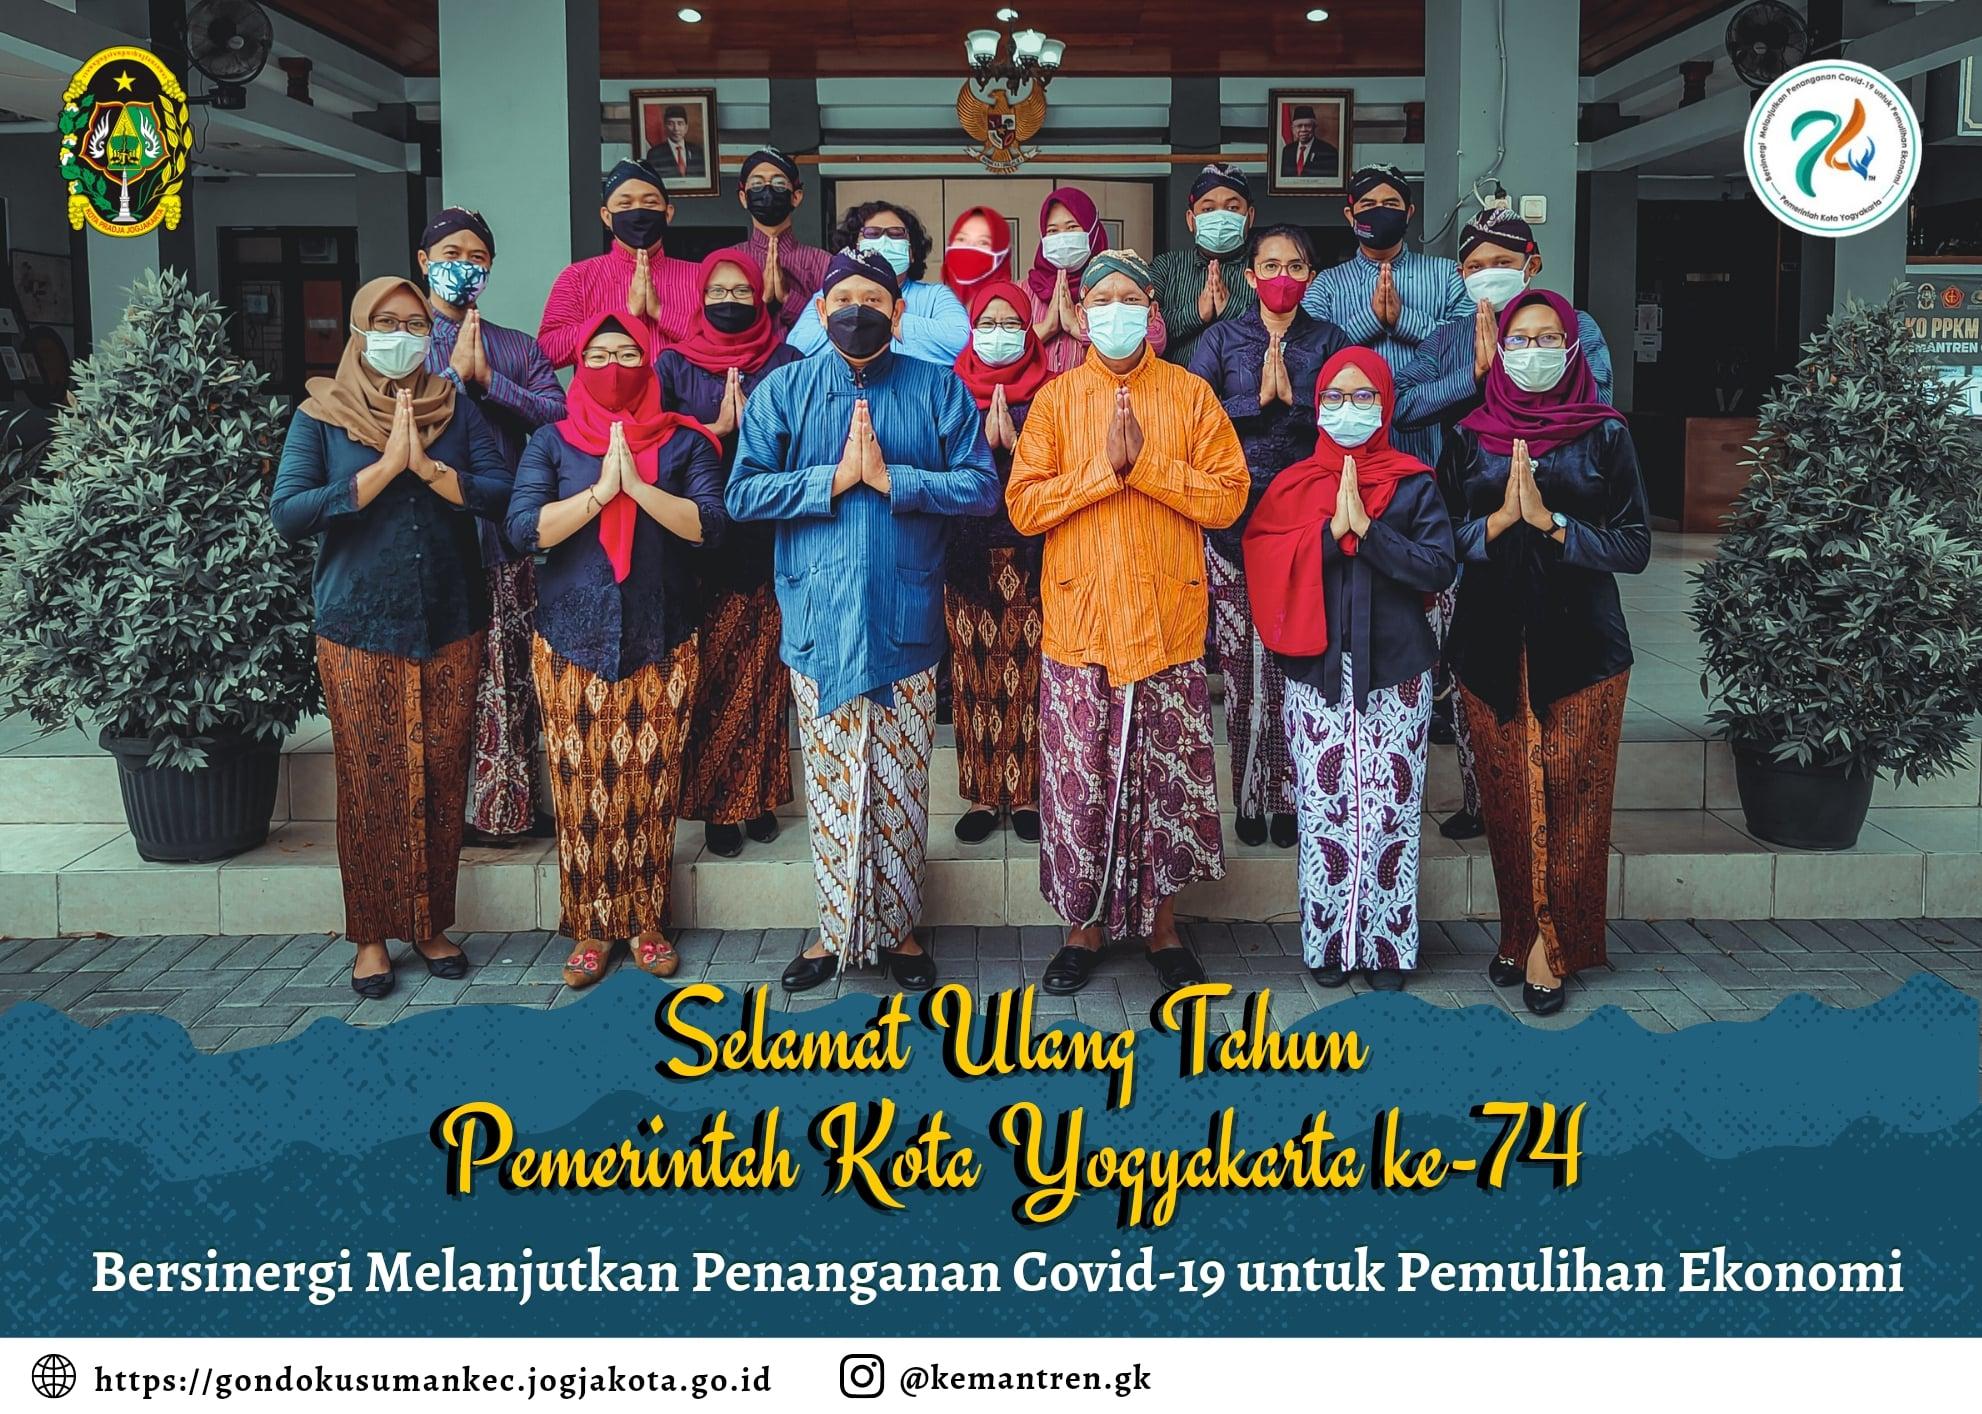 SELAMAT ULANG TAHUN PEMERINTAH KOTA YOGYAKARTA KE-74